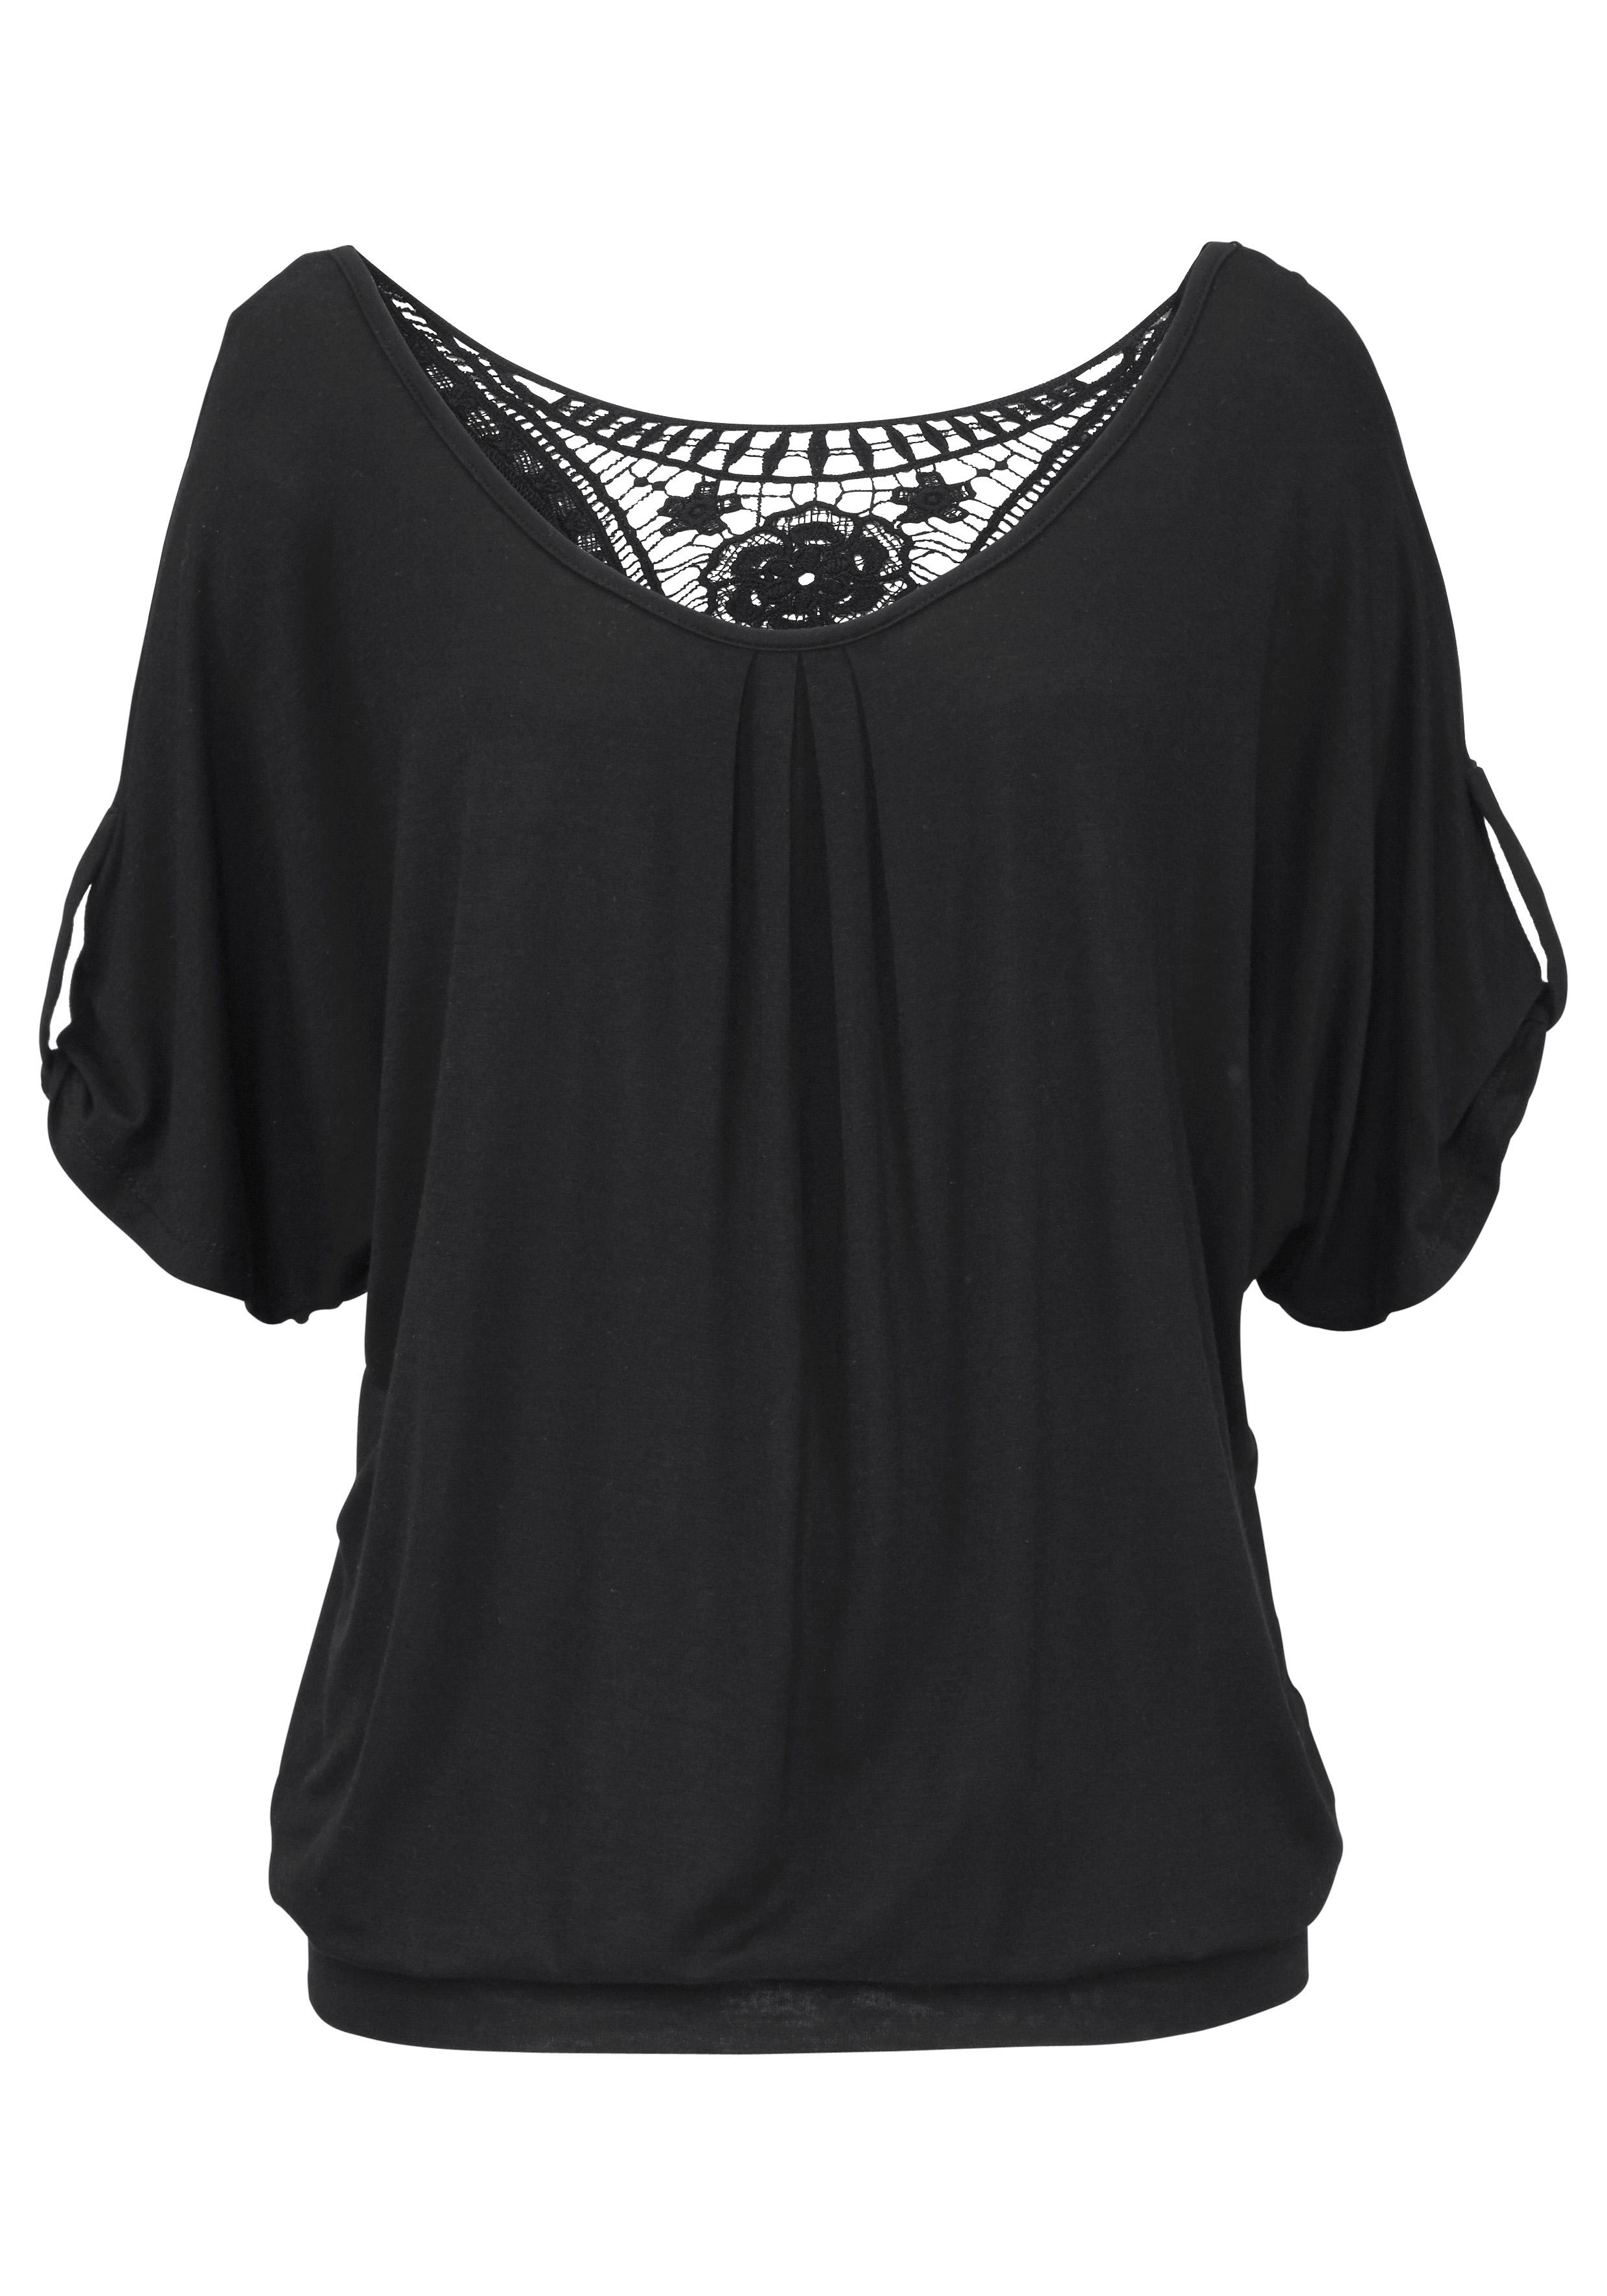 LASCANA Shirt met haakdetail achter goedkoop op otto.nl kopen